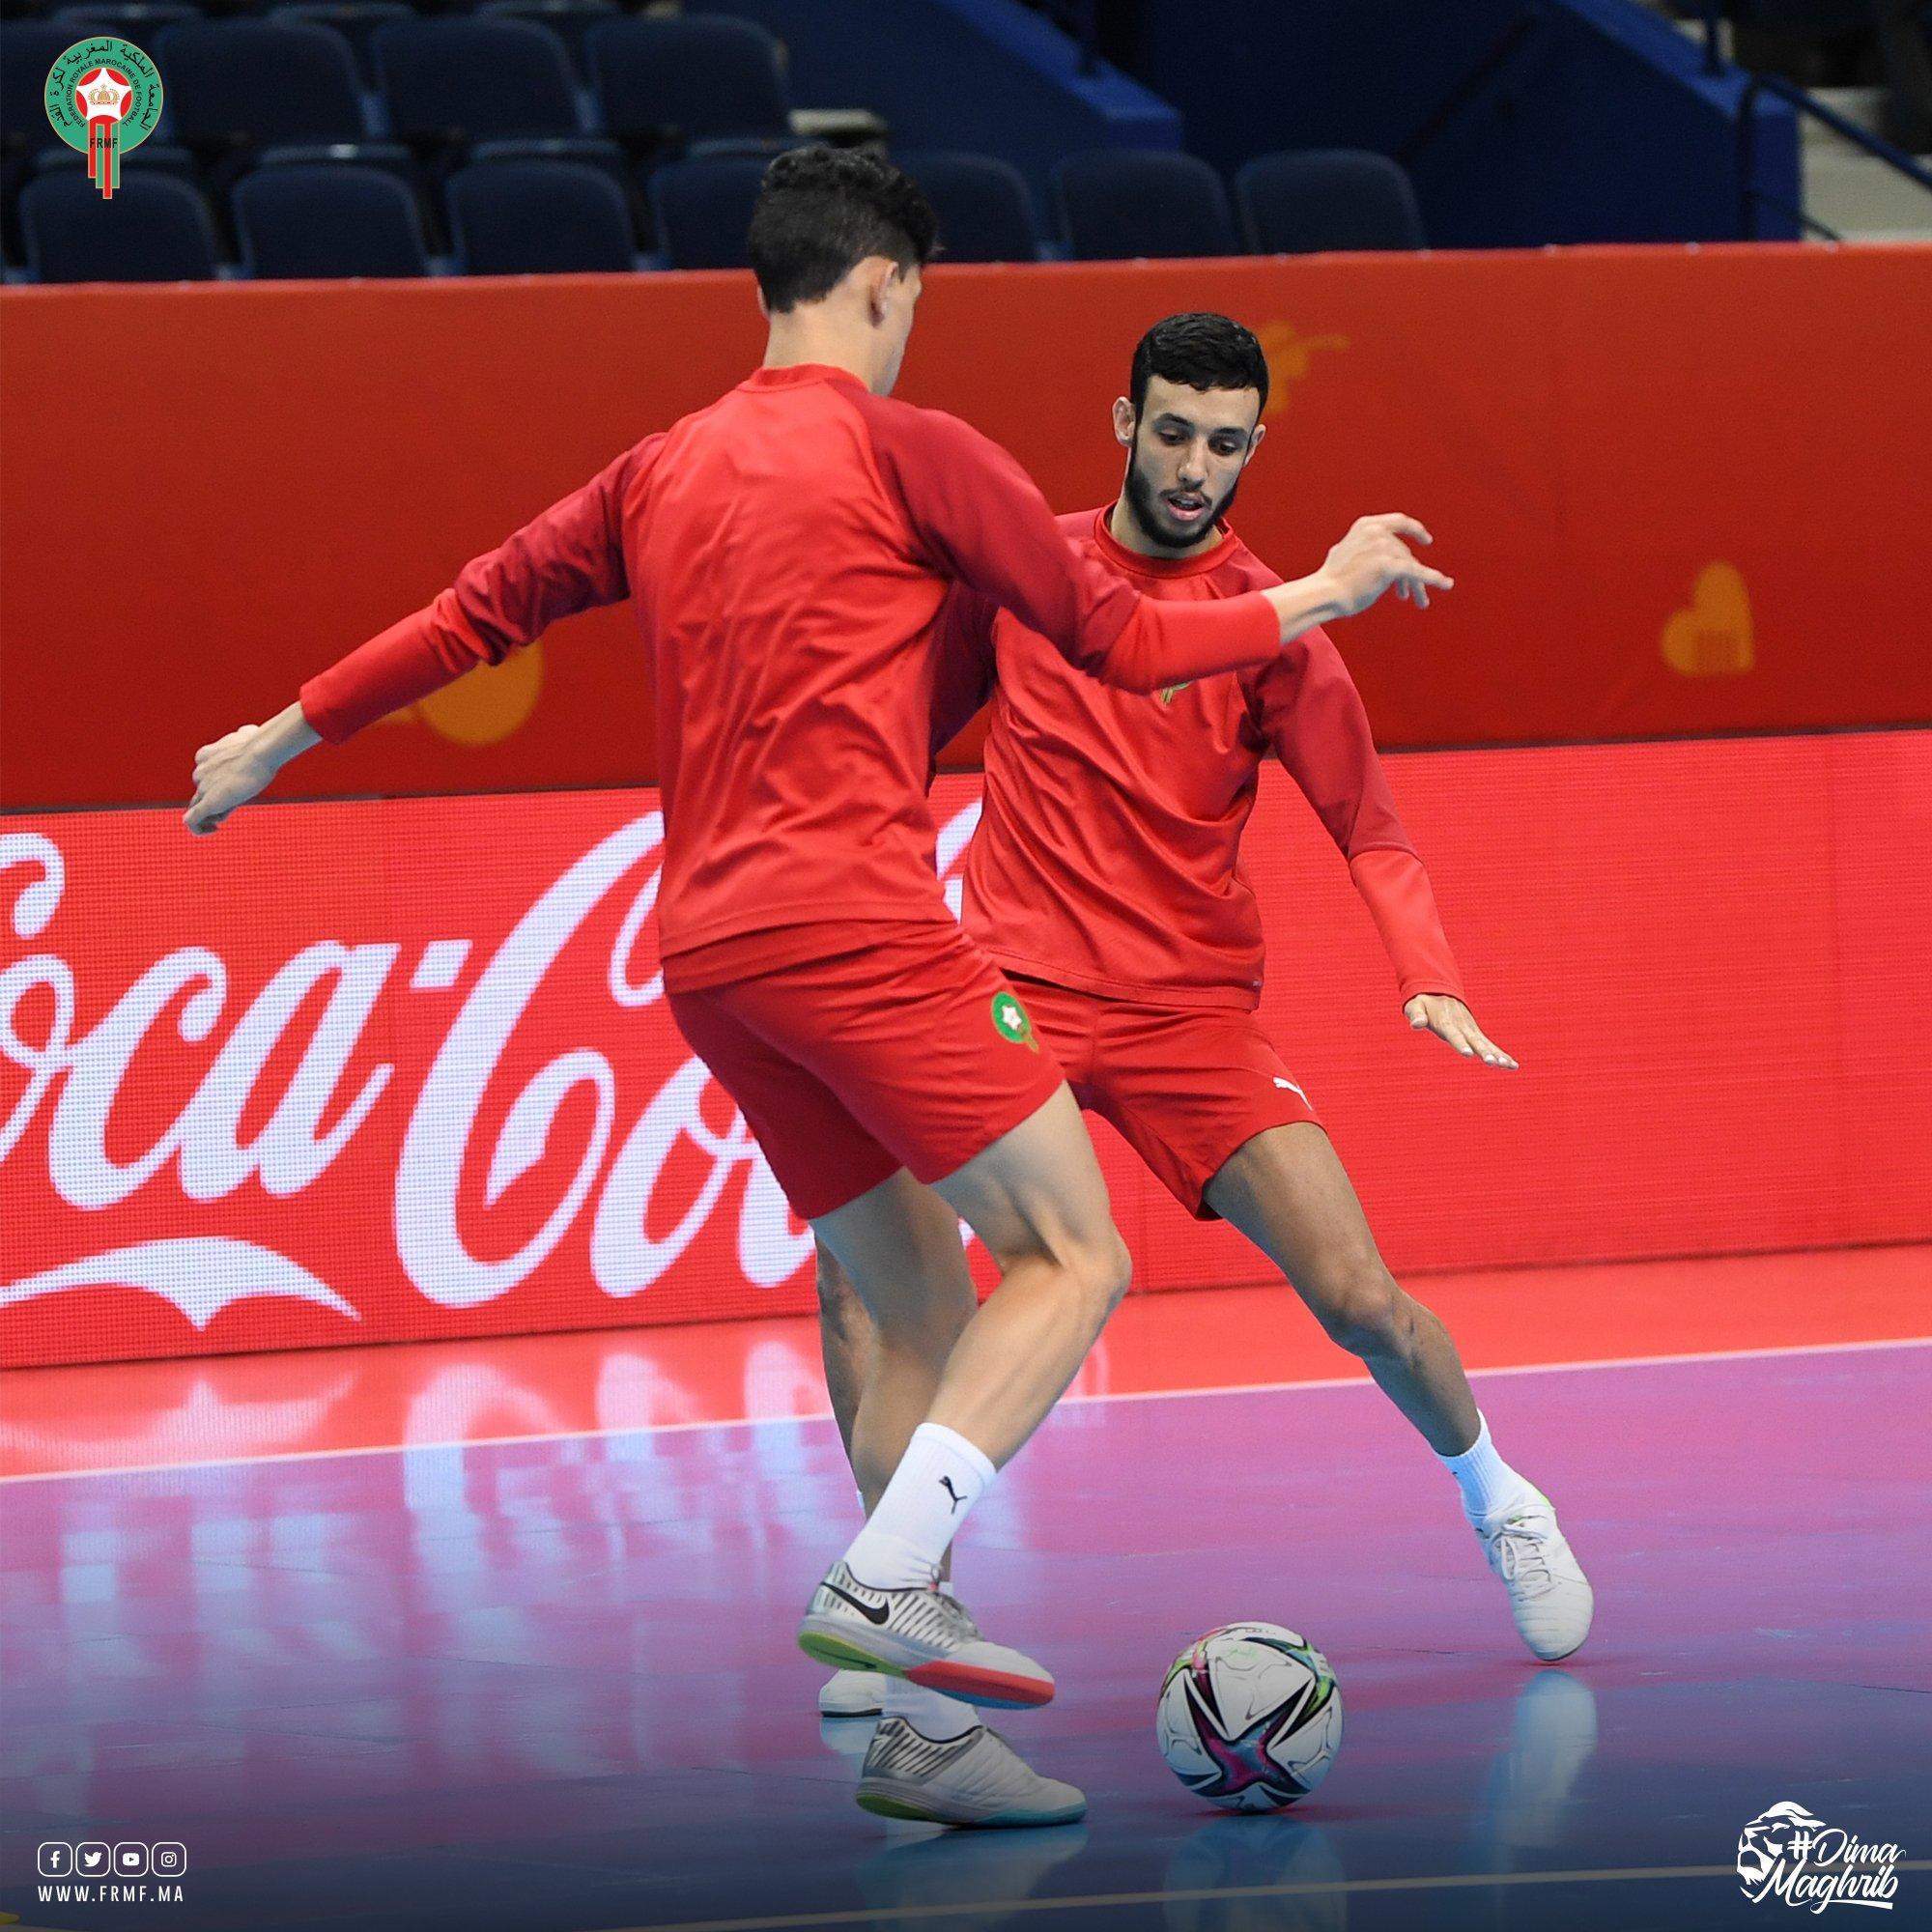 مباراة المغرب والبرازيل داخل القاعة - توقيت مباراة المغرب والبرازيل اليوم - موعد مباراة المغرب والبرازيل داخل القاعة - المغرب ضد البرازيل داخل القاعة